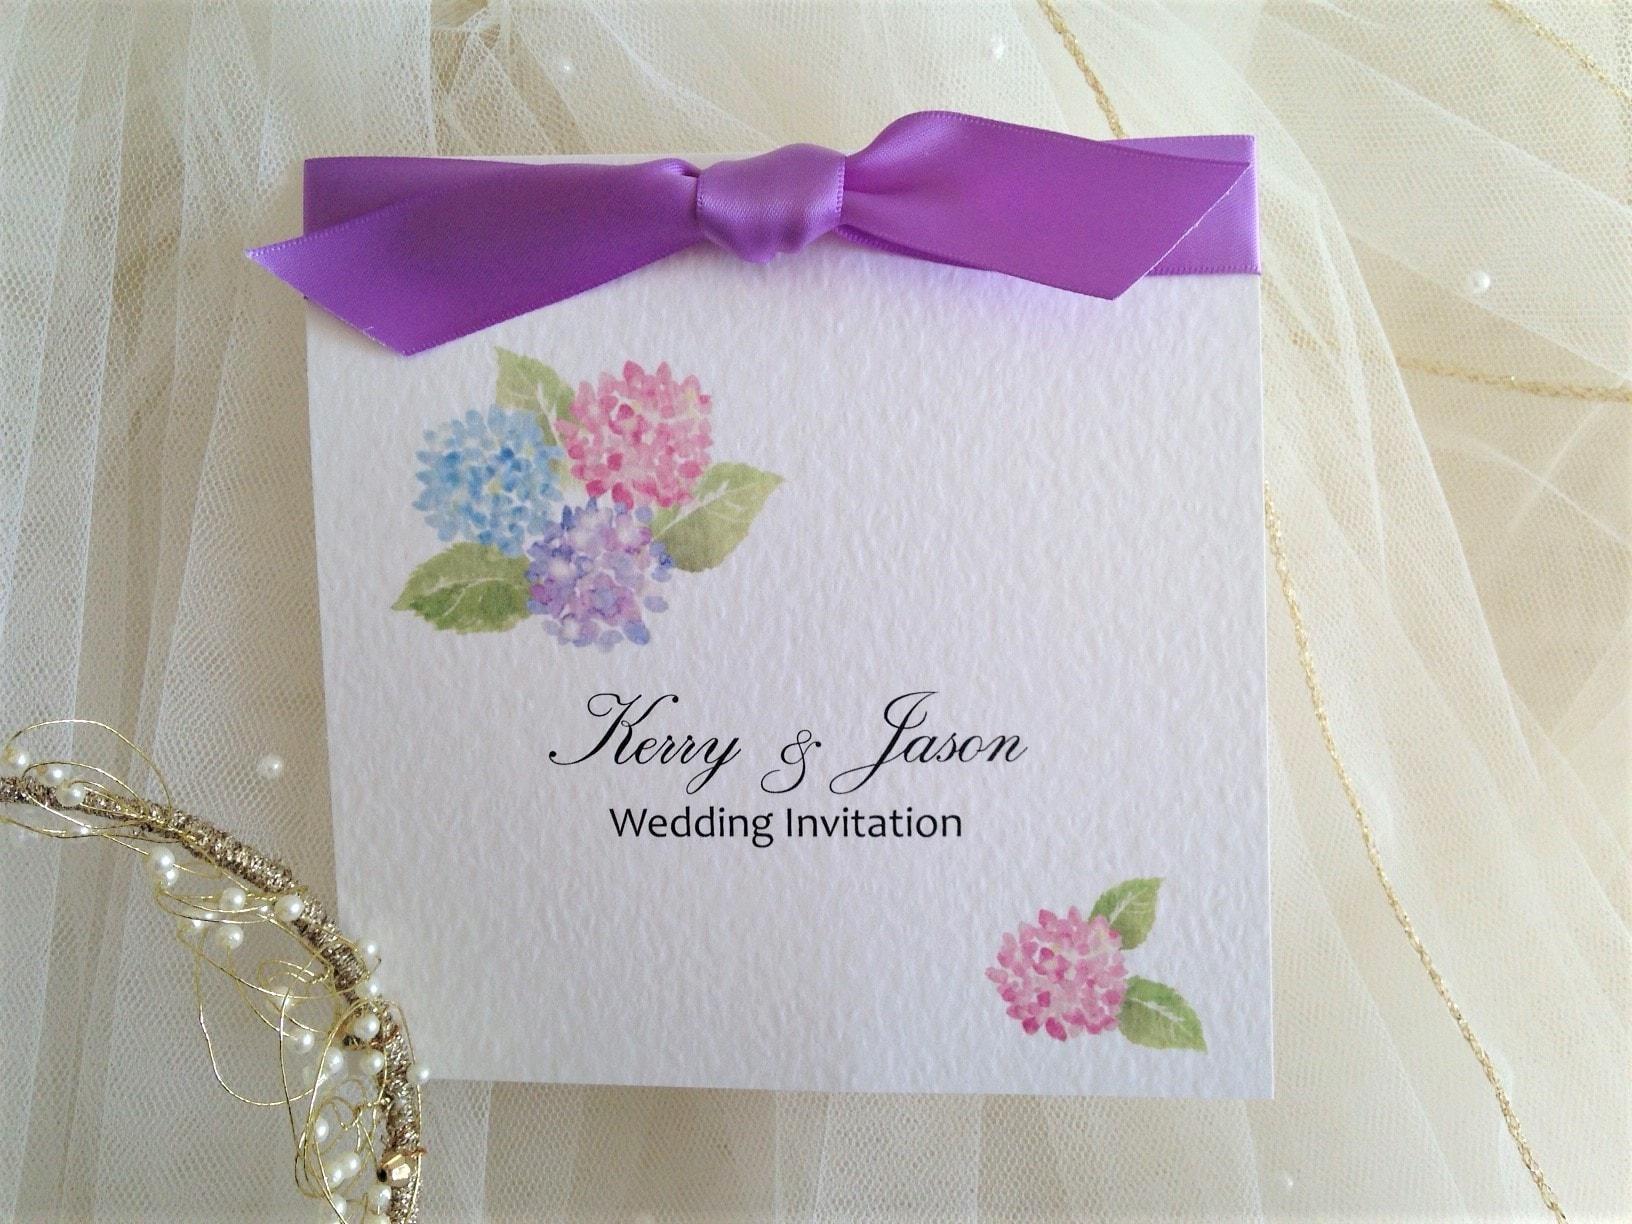 hydrangea wedding invitations with lilac ribbon daisy chain invites